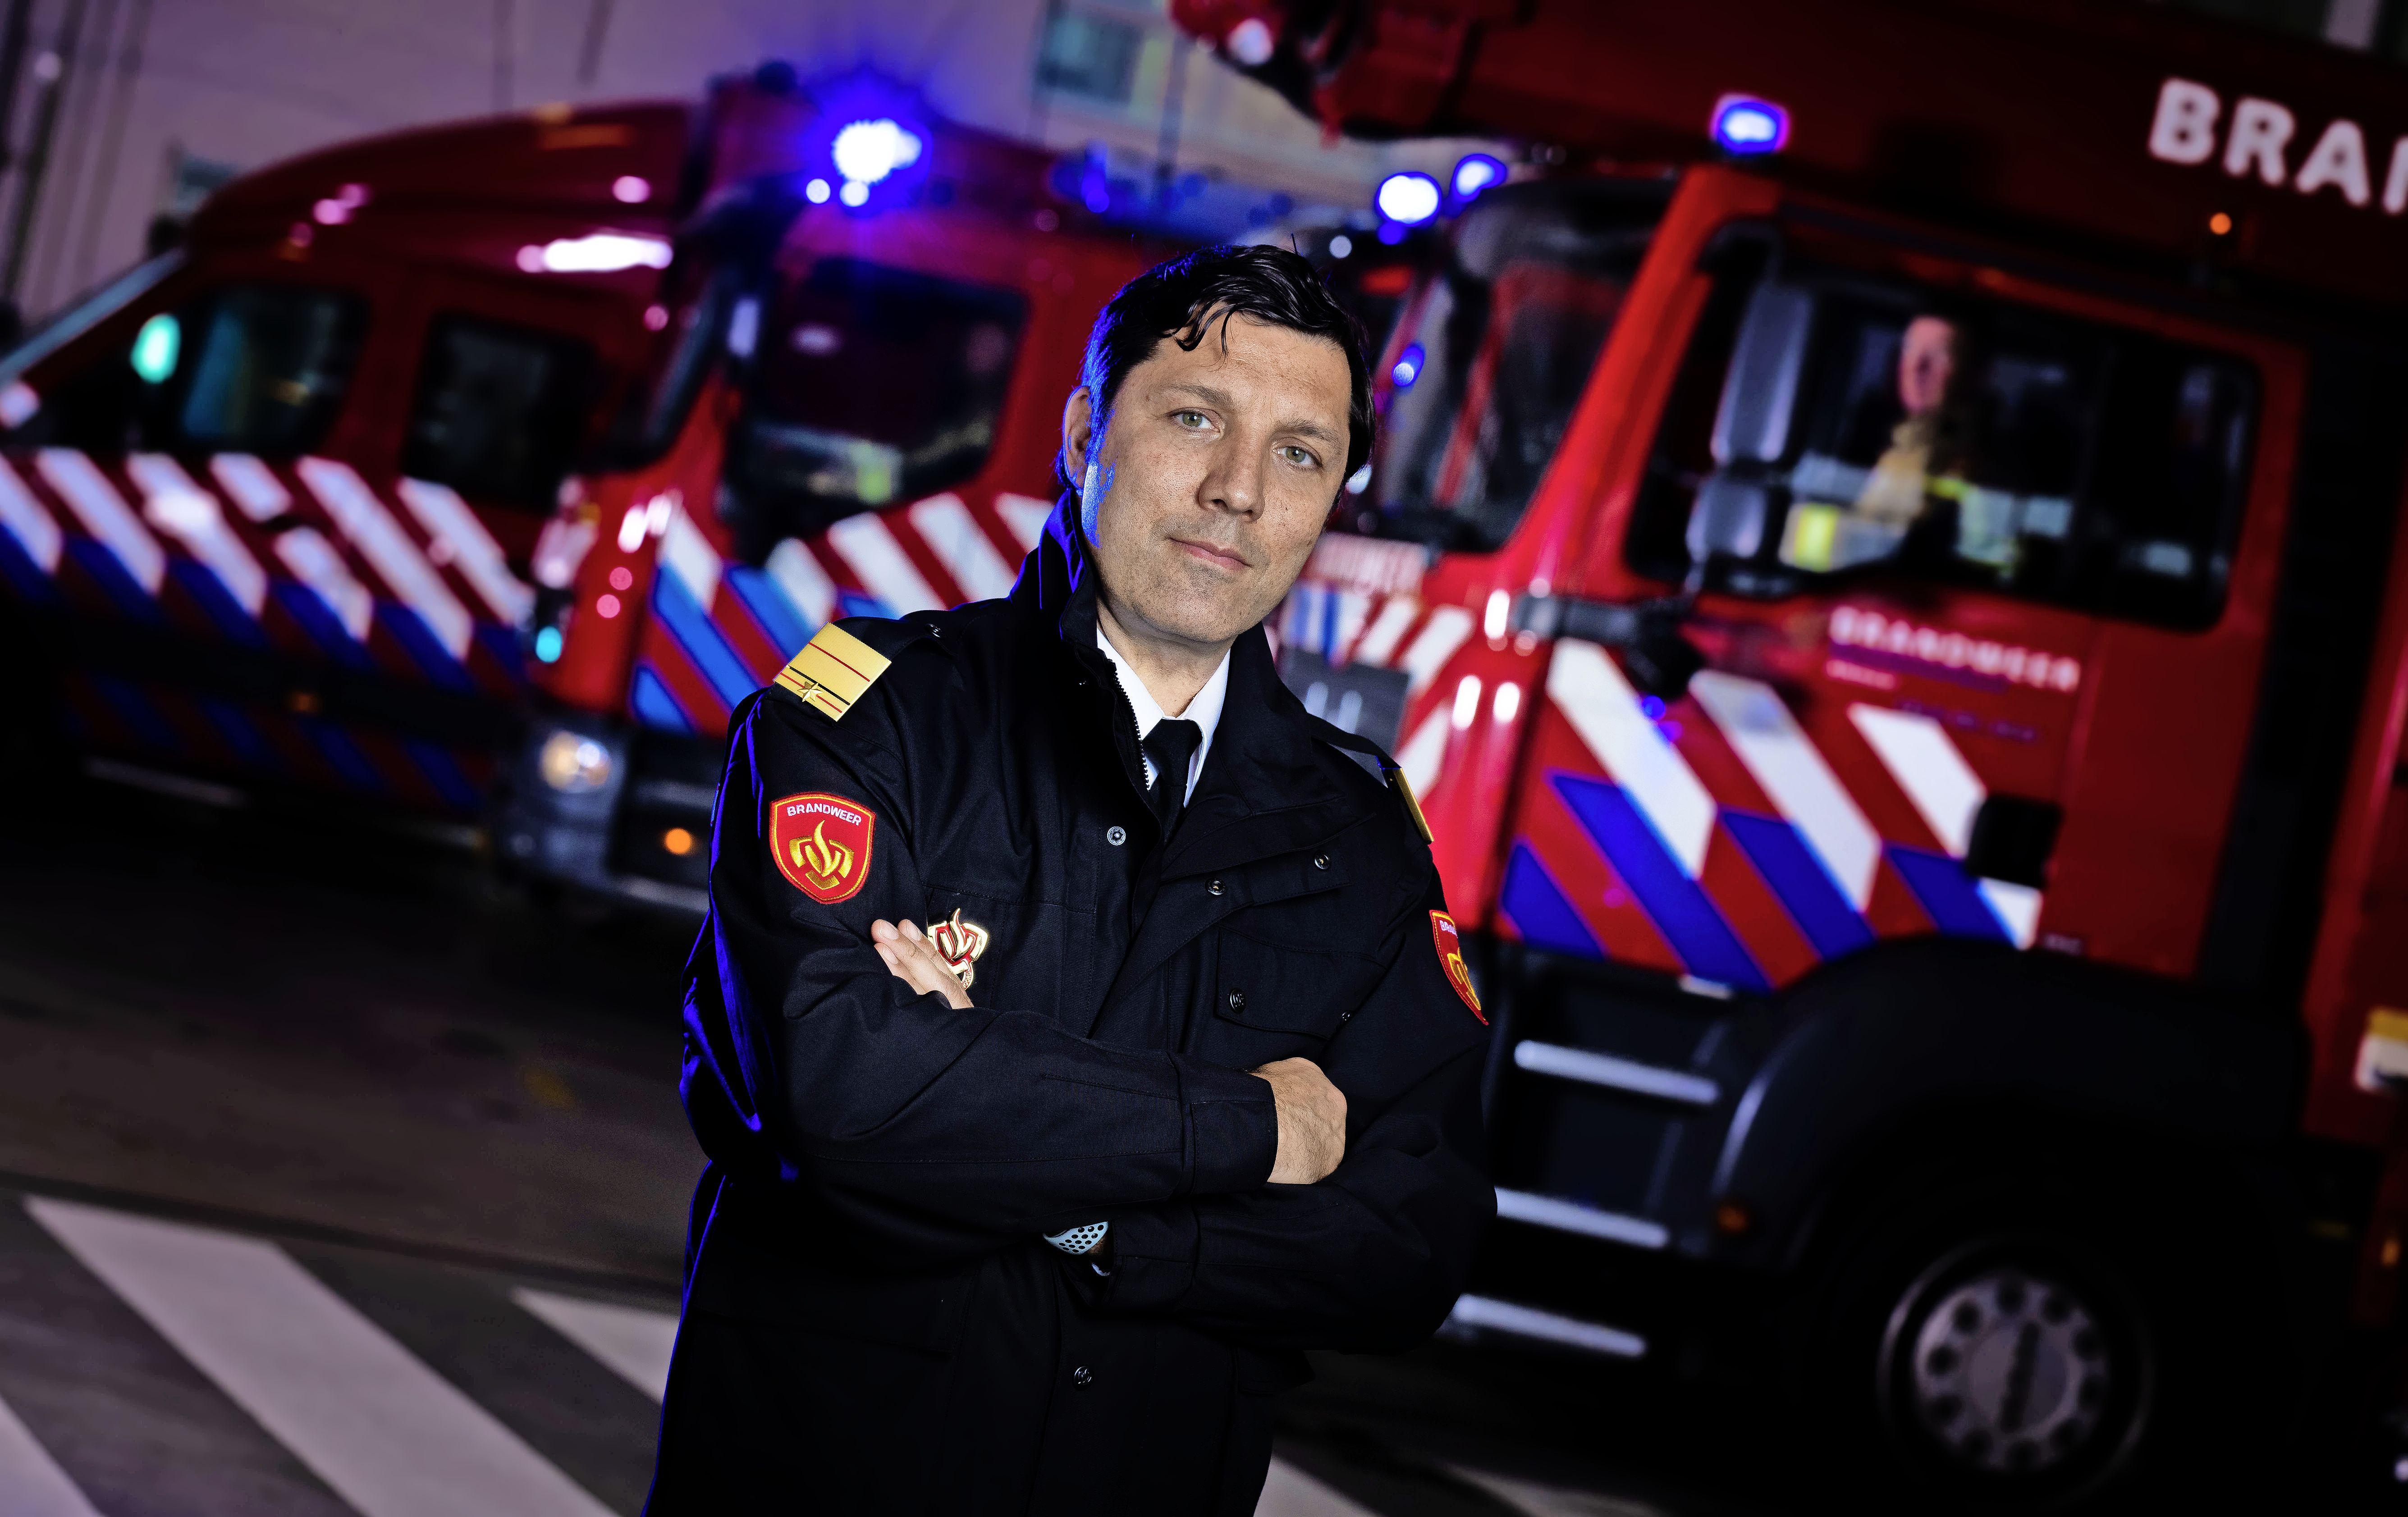 Brandweercommandant veiligheidsregio Noord-Holland Noord krijgt nevenfunctie bij COA: nieuwkomer in adviesraad